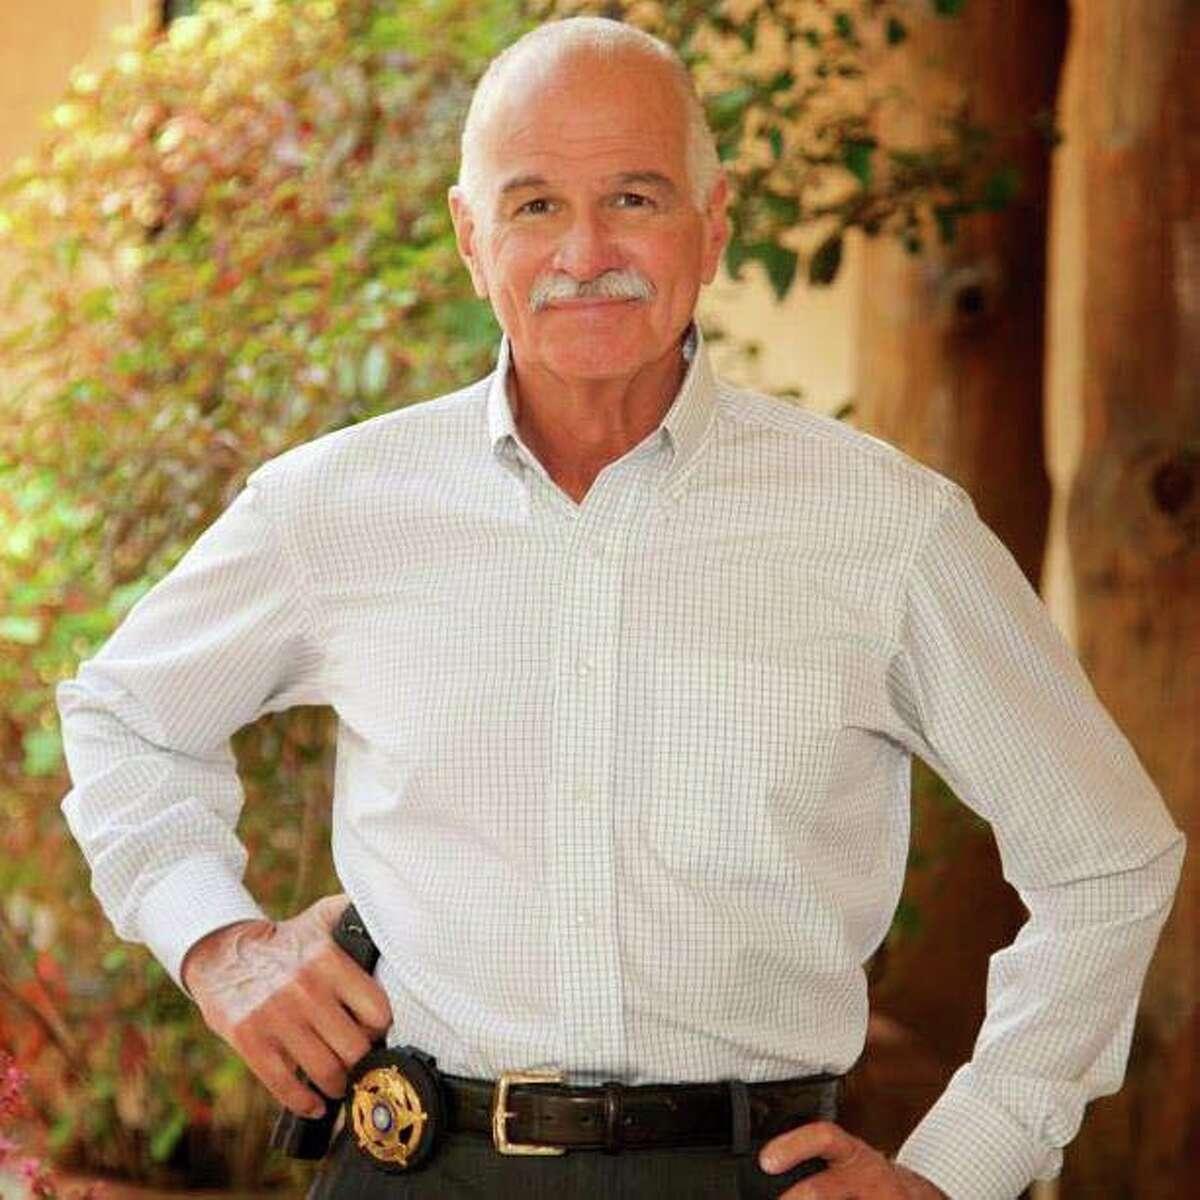 Joe Danna for Harris County Constable, Precinct One.